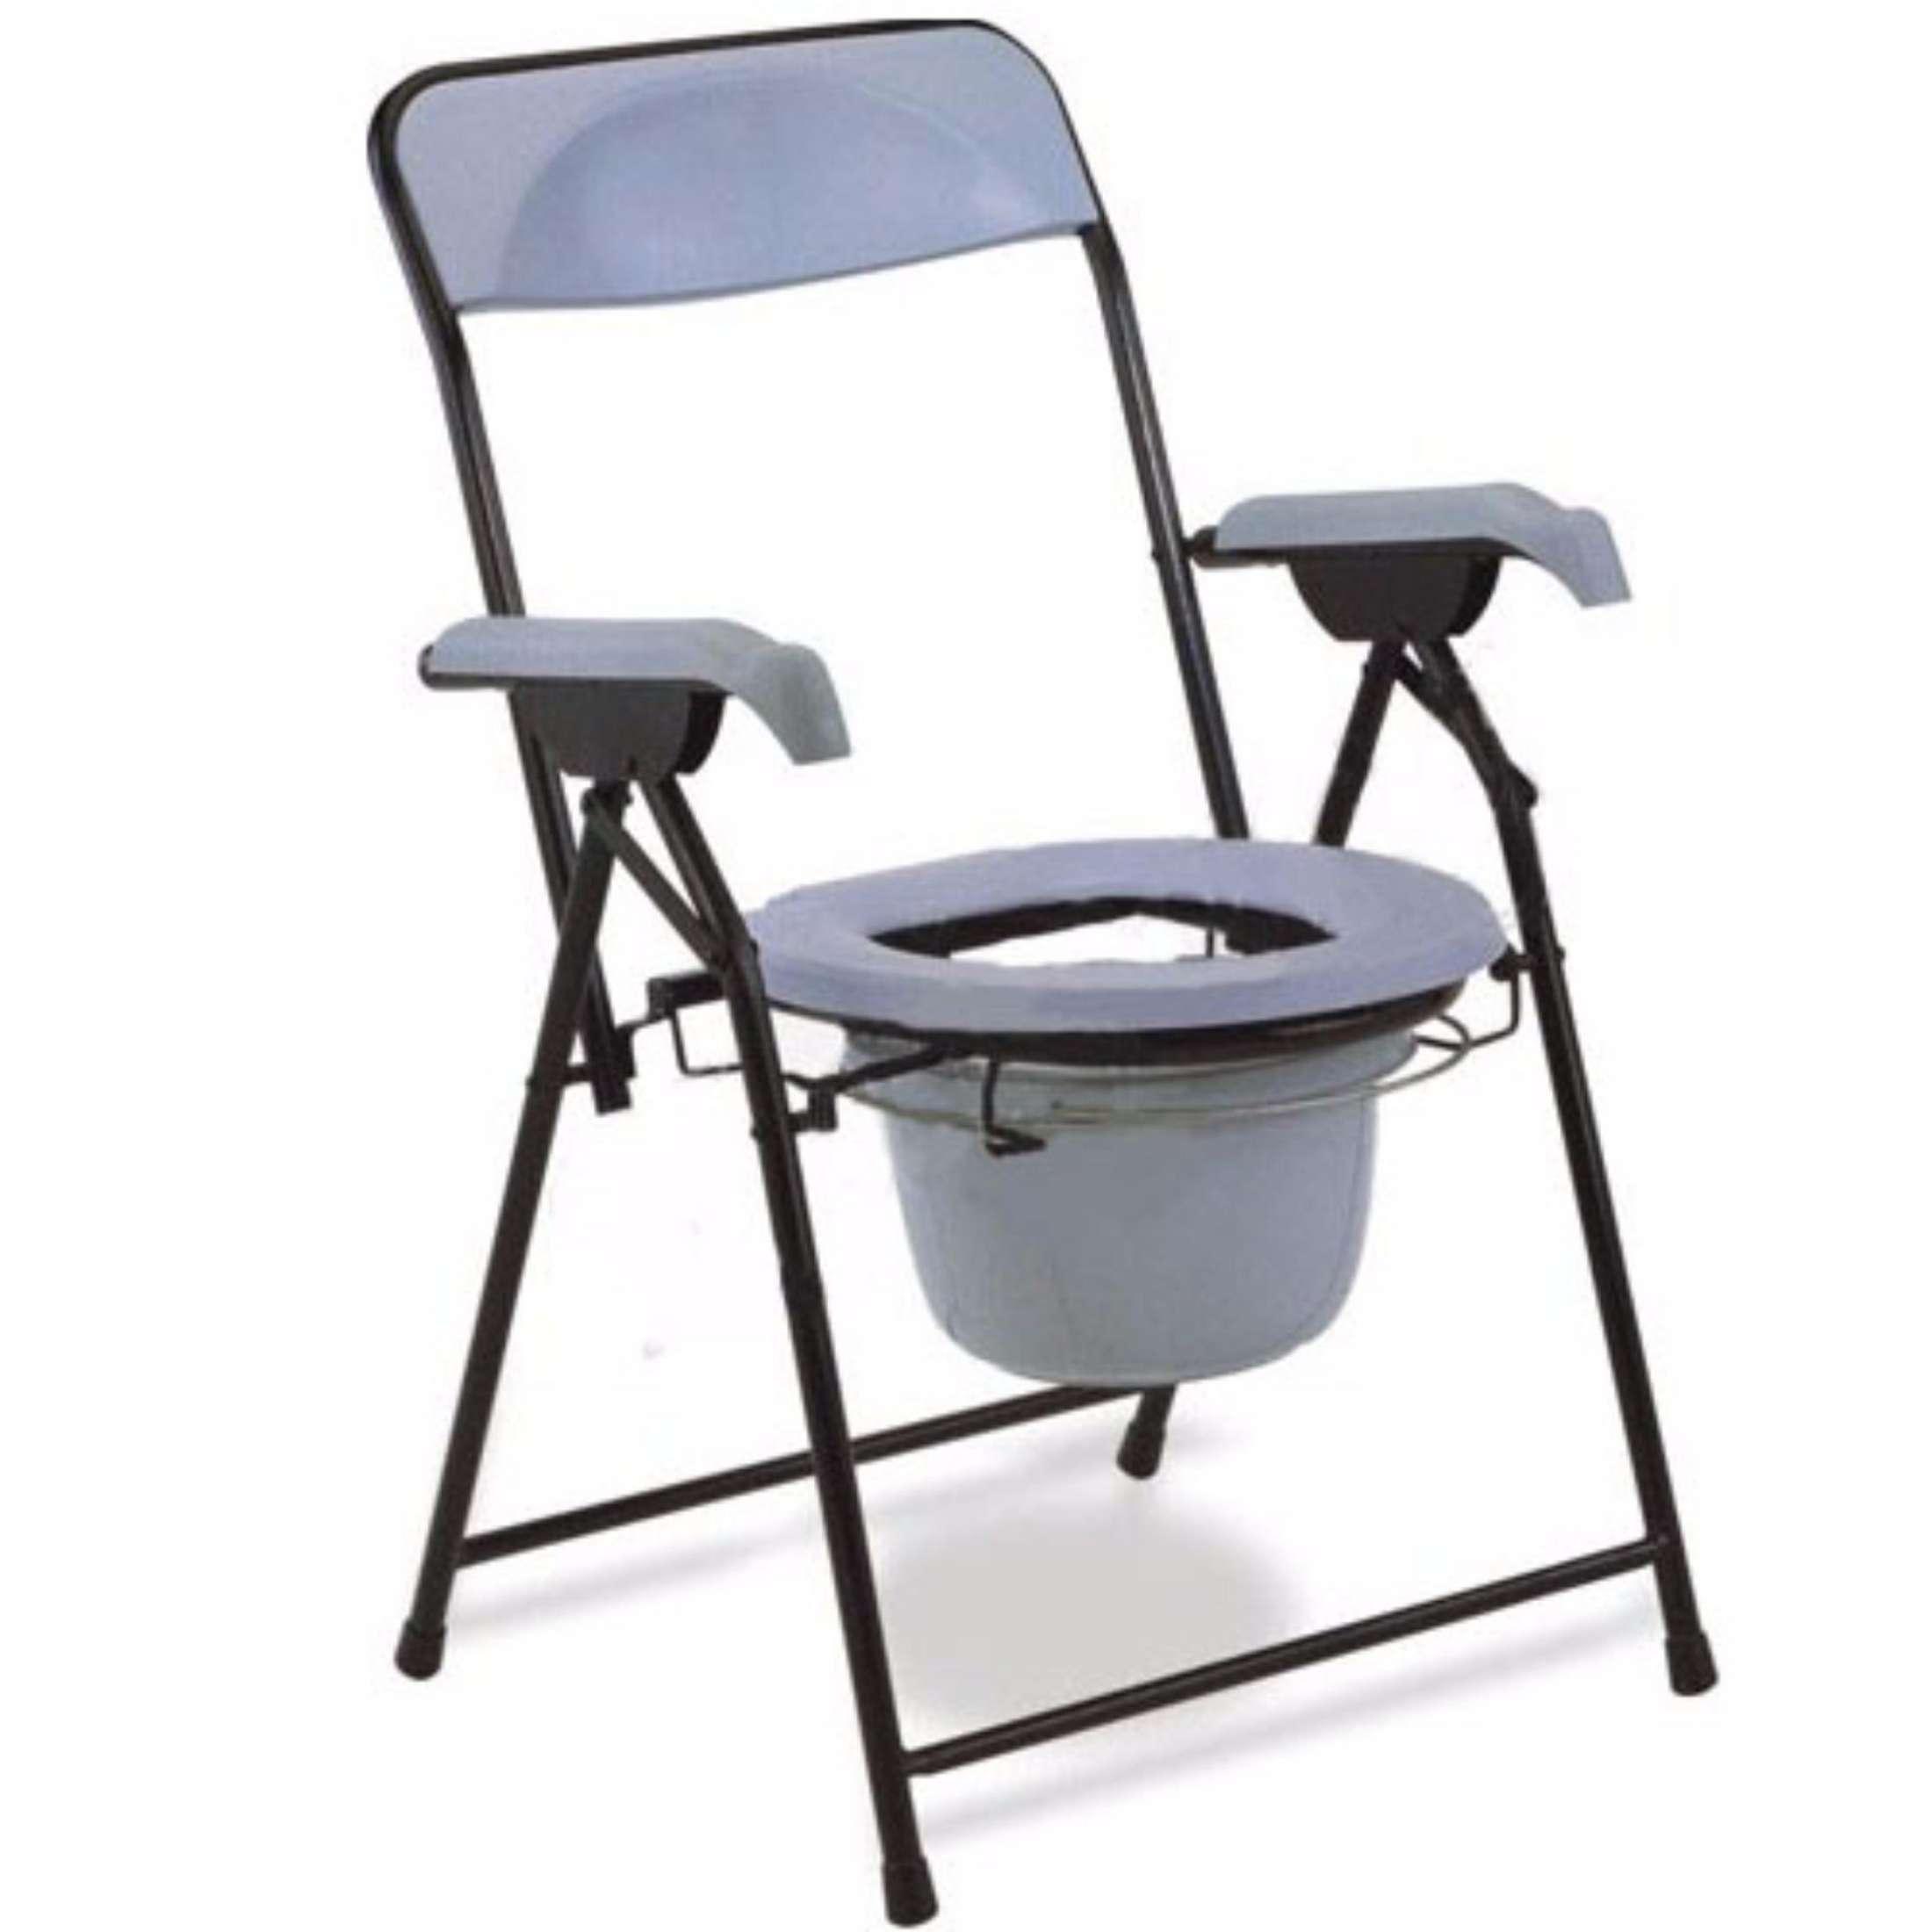 Ghế bô vệ sinh cho người bệnh cao cấp